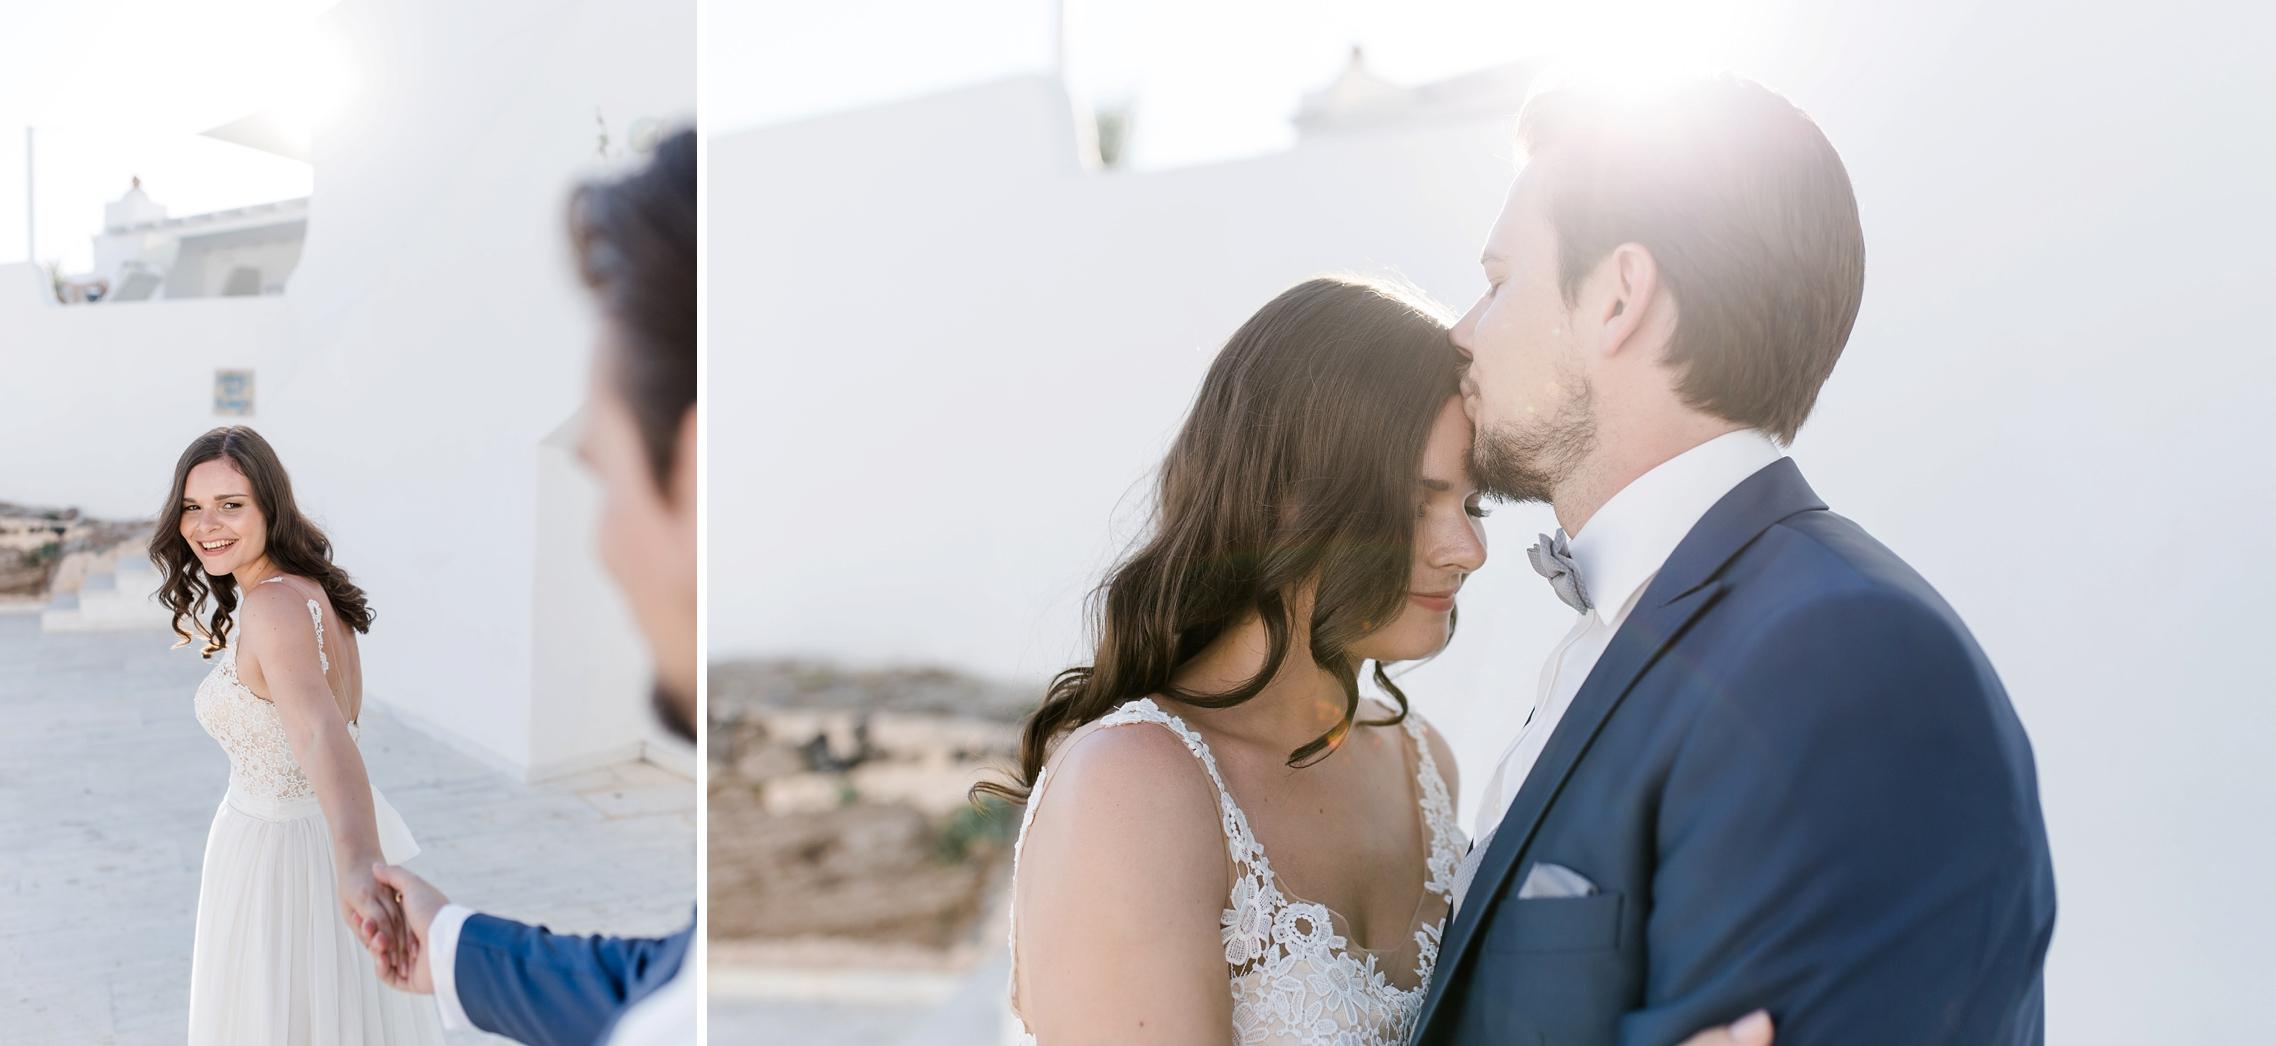 Der Bräutigam küsst seine Braut auf die Stirn - After-Wedding-Shooting auf Santorini.